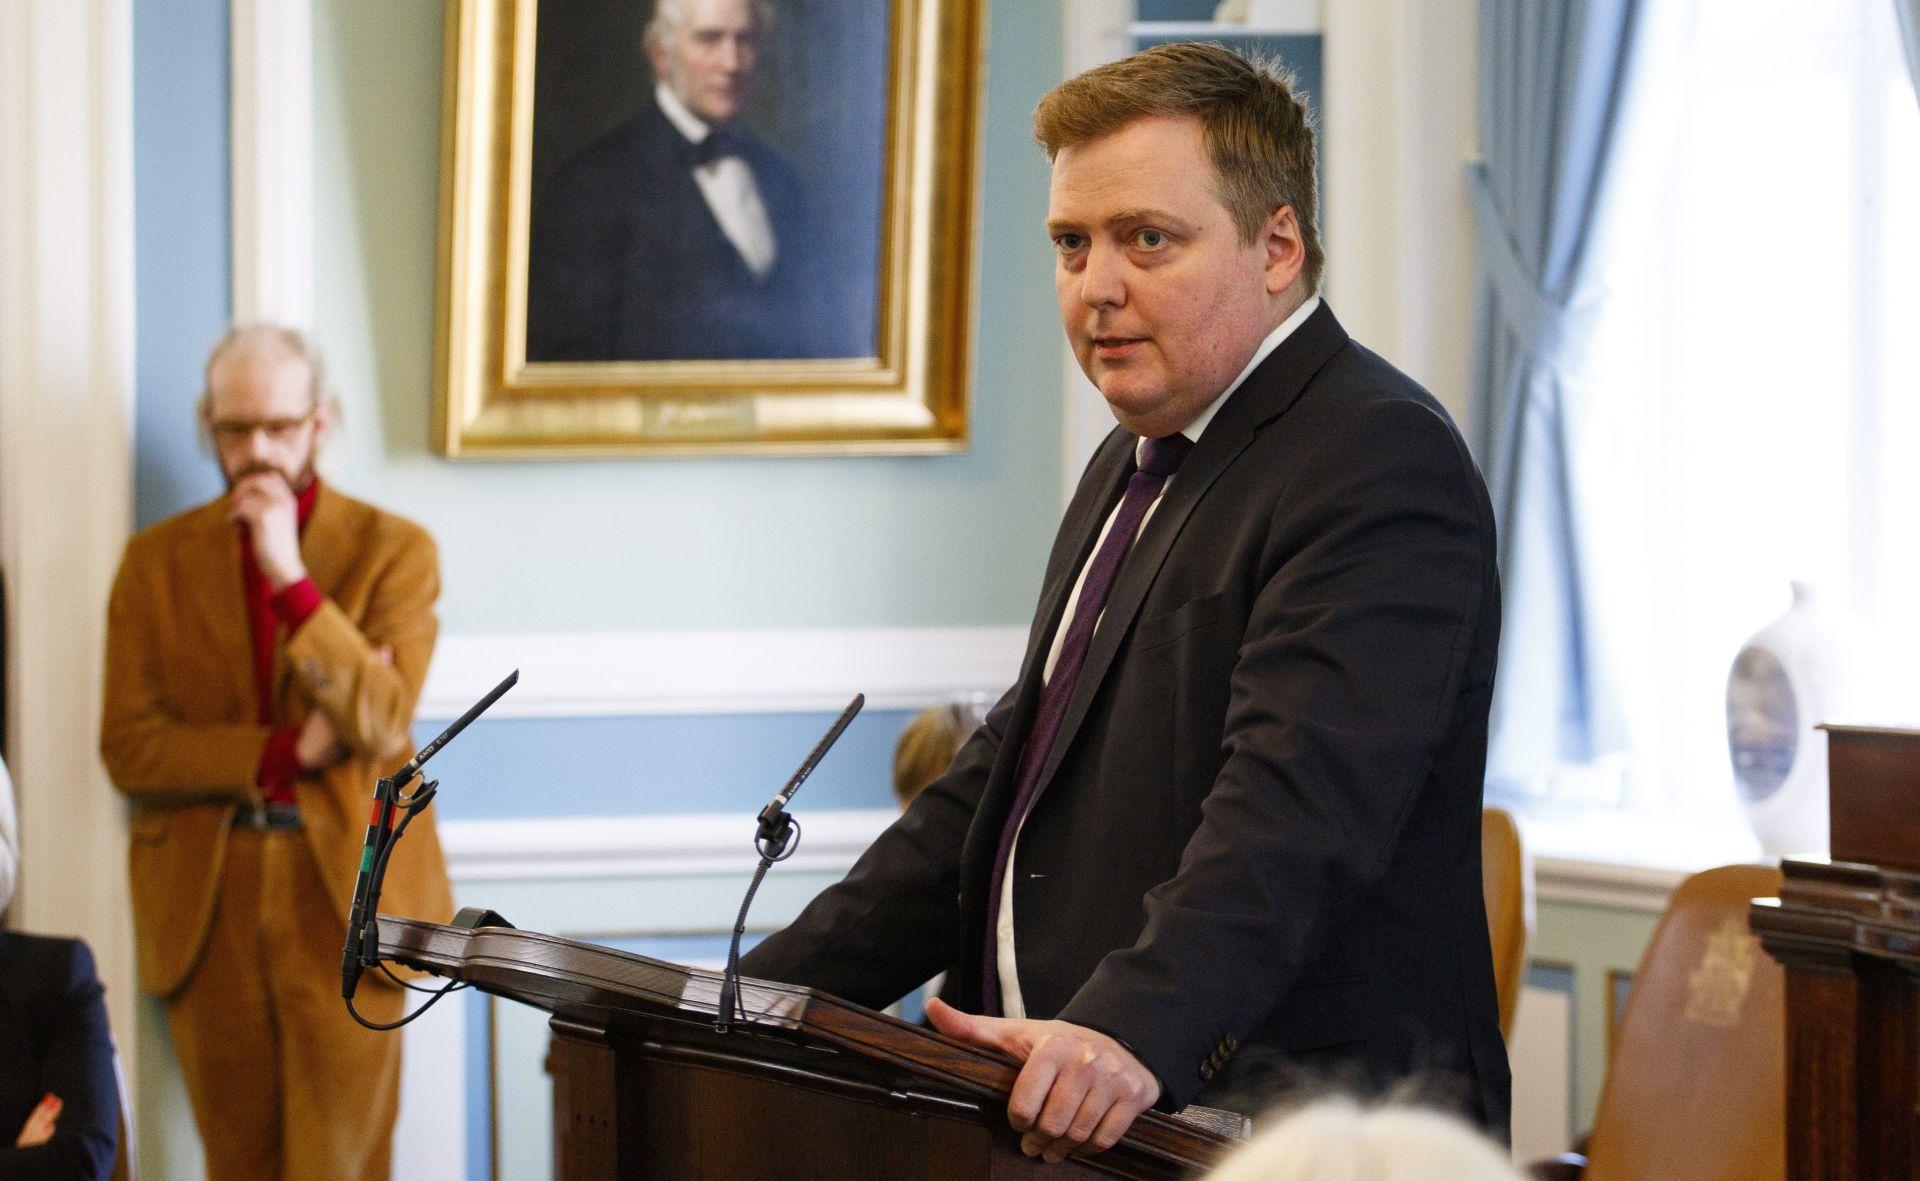 PANAMSKI DOKUMENTI:  Islandski premijer podnio ostavku